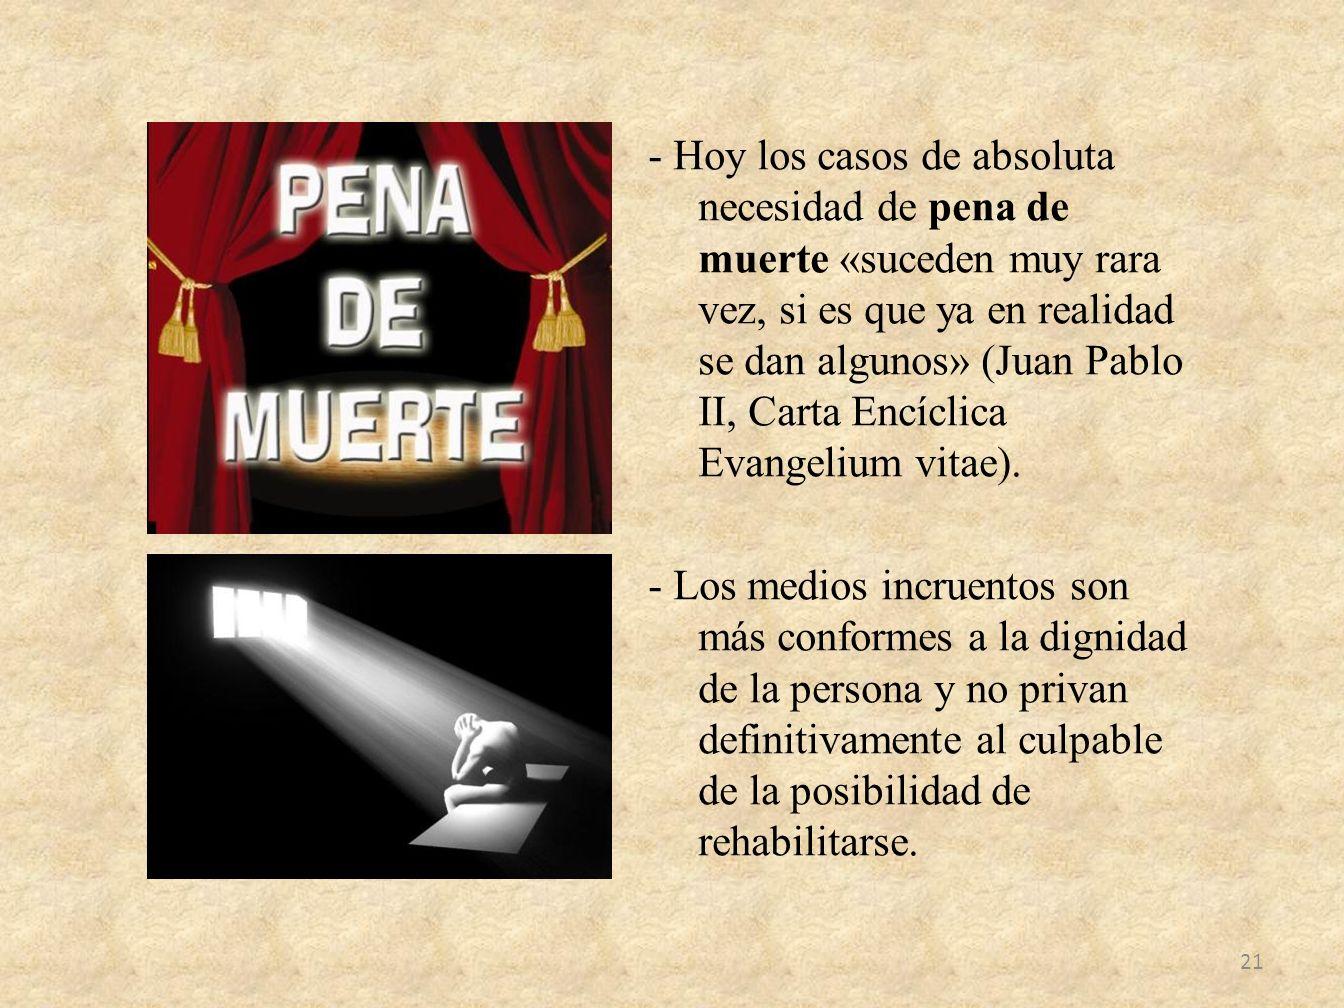 - Hoy los casos de absoluta necesidad de pena de muerte «suceden muy rara vez, si es que ya en realidad se dan algunos» (Juan Pablo II, Carta Encíclica Evangelium vitae).